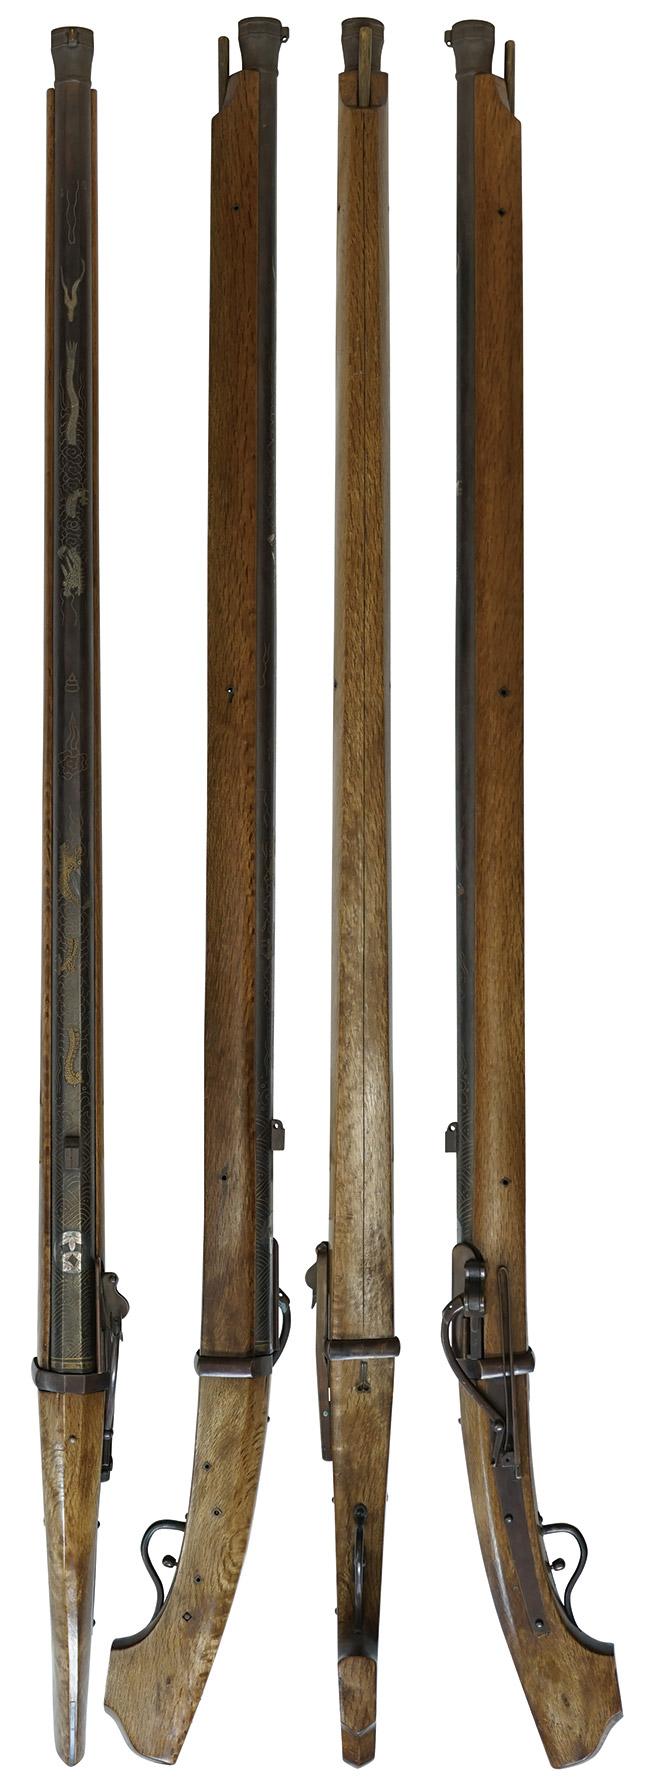 【6323】火縄銃-三匁筒-(銃砲刀剣類登録証付古式銃、無銘)右.jpg